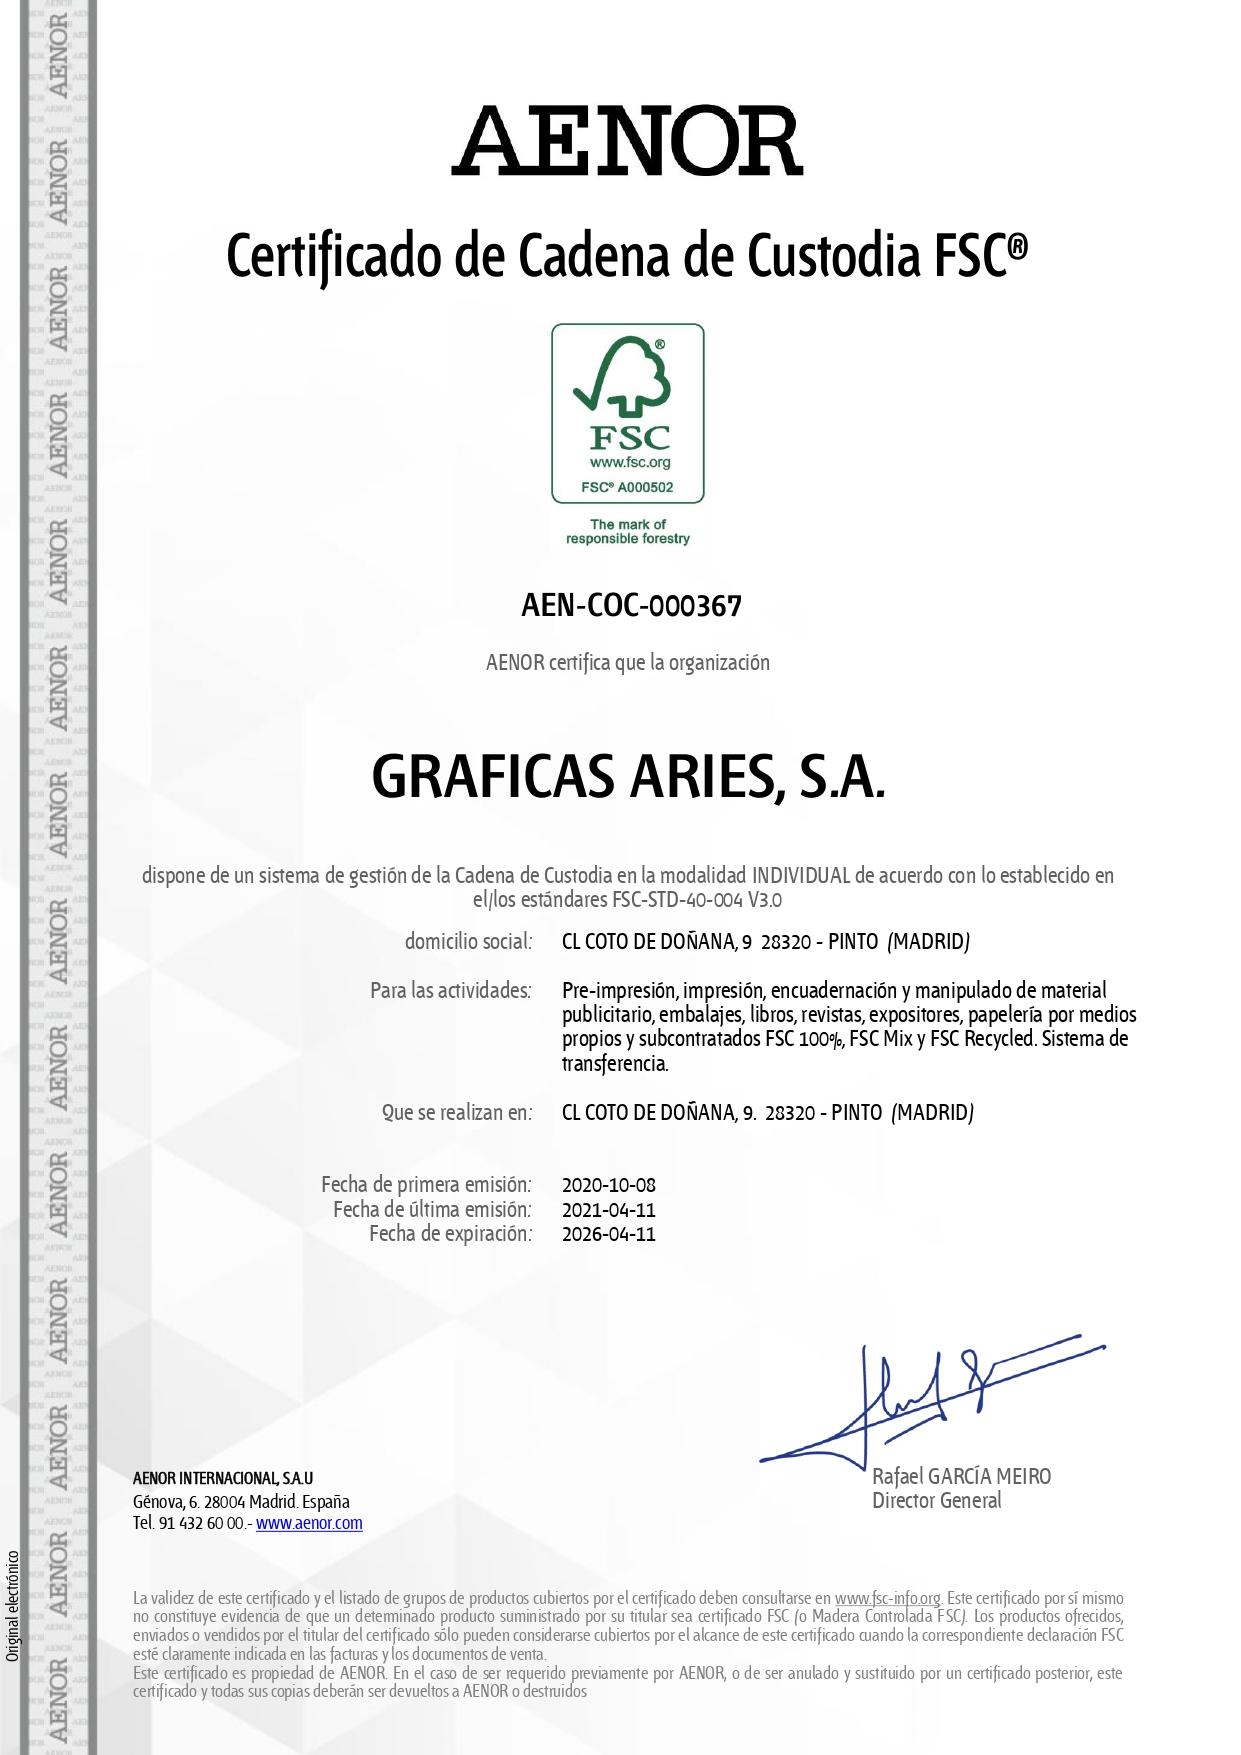 Certificado FSC AENOR hasta 11 abril 2026